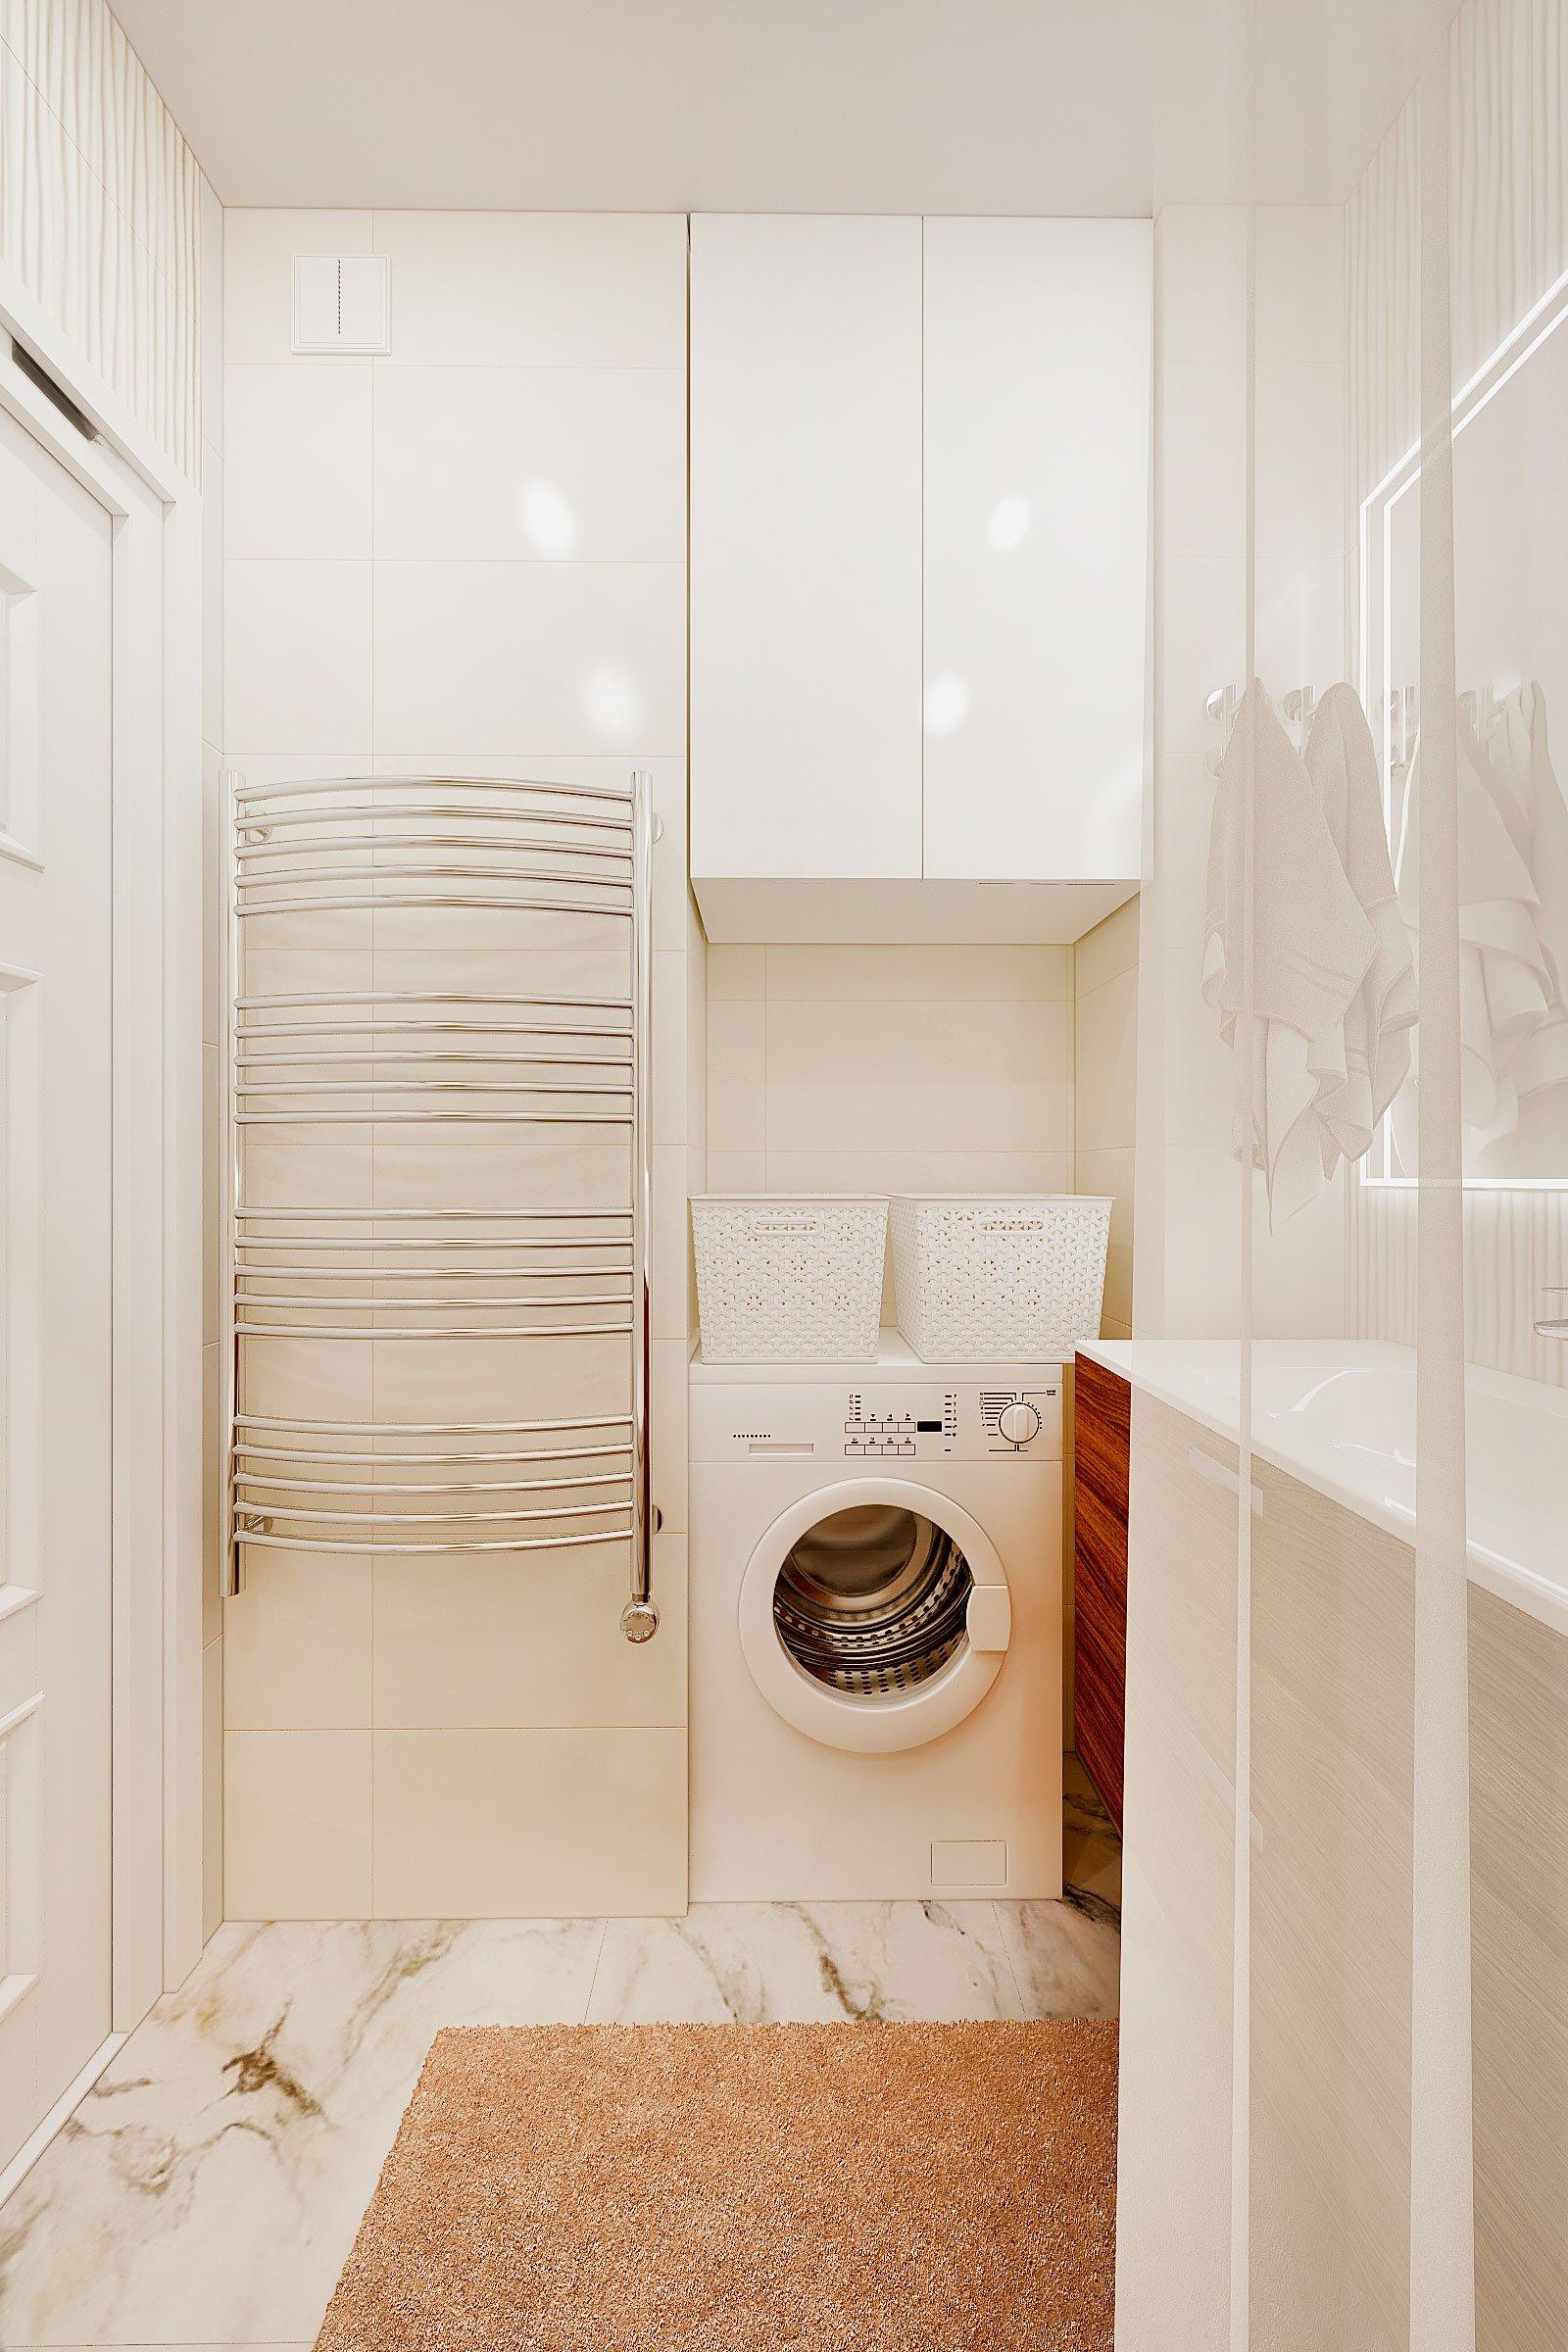 дизайн интерьера ванной в современном стиле, Гомель 2018, фото №2